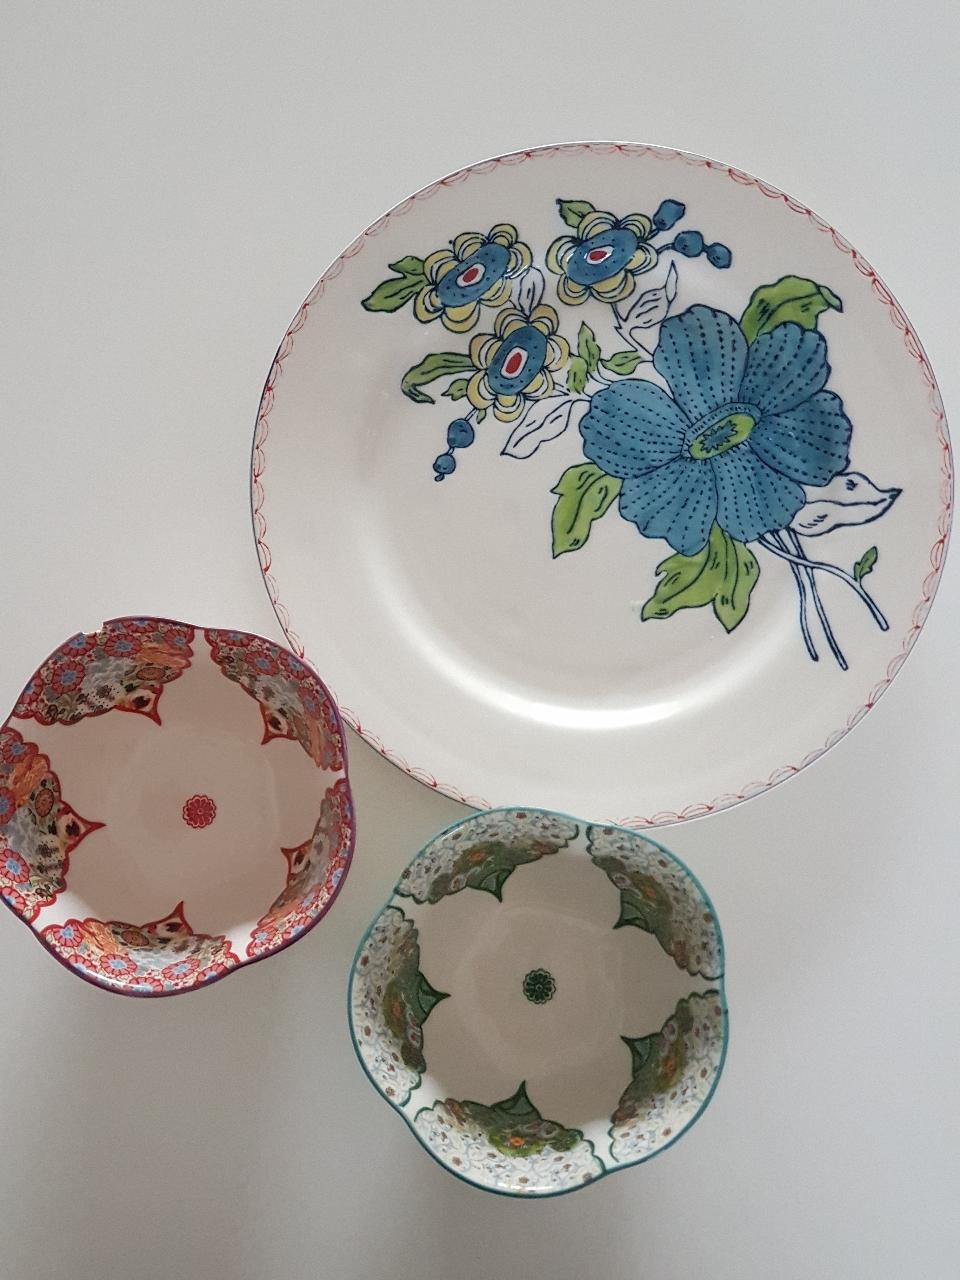 앤트로폴로지 식기 접시 그릇